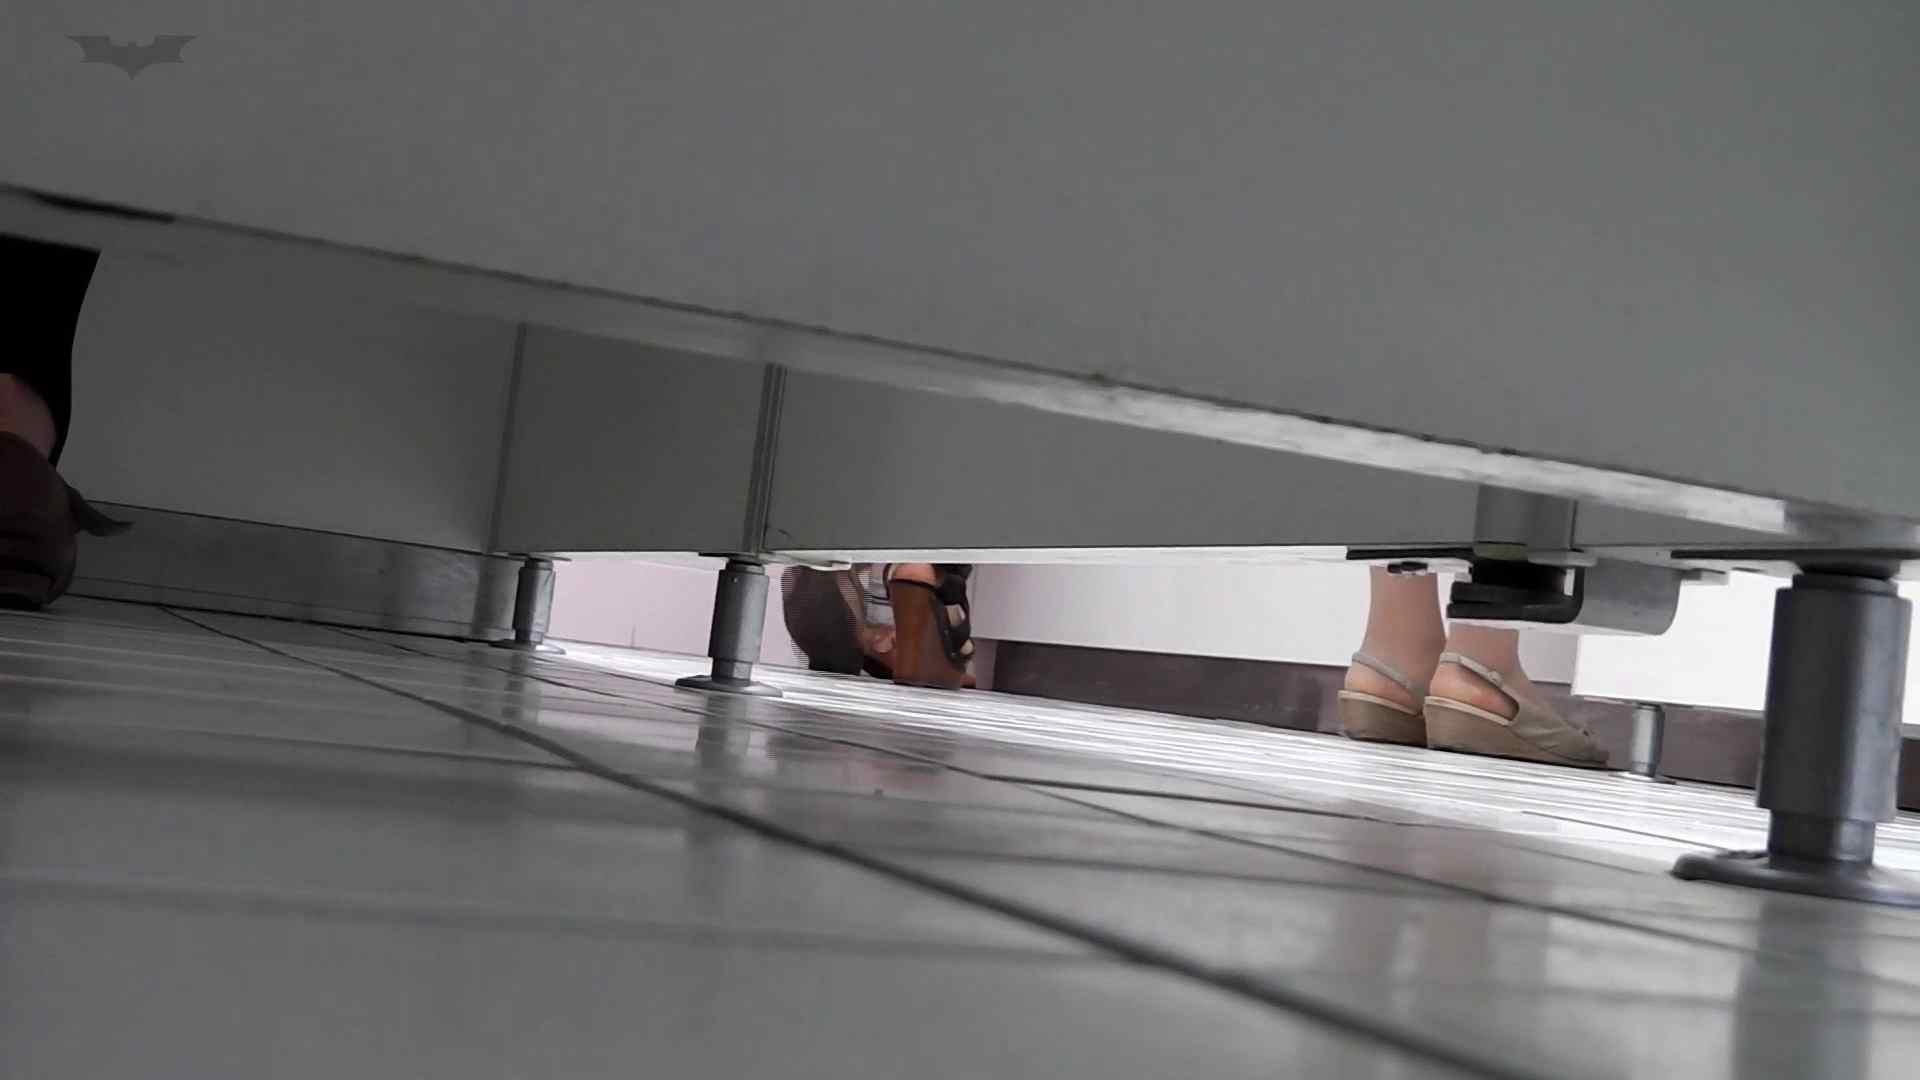 美しい日本の未来 No.29 豹柄サンダルは便秘気味??? ギャル・コレクション | 盗撮エロすぎ  38連発 32